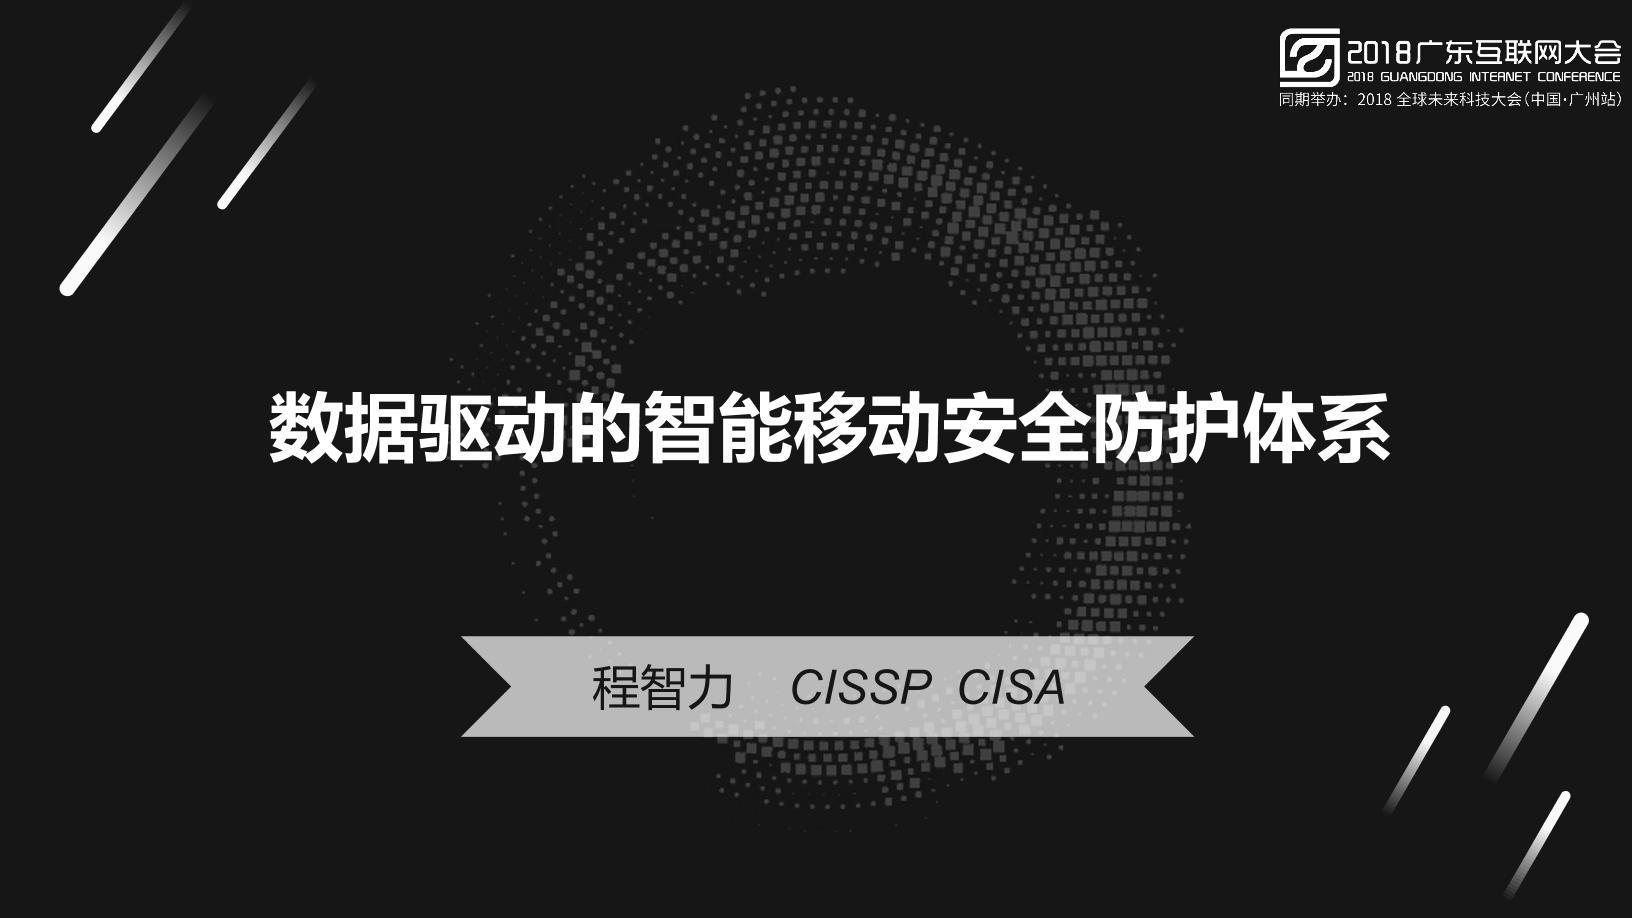 2018广东互联网大会演讲PPT|数据驱动的智能移动安全防护体系|爱加密